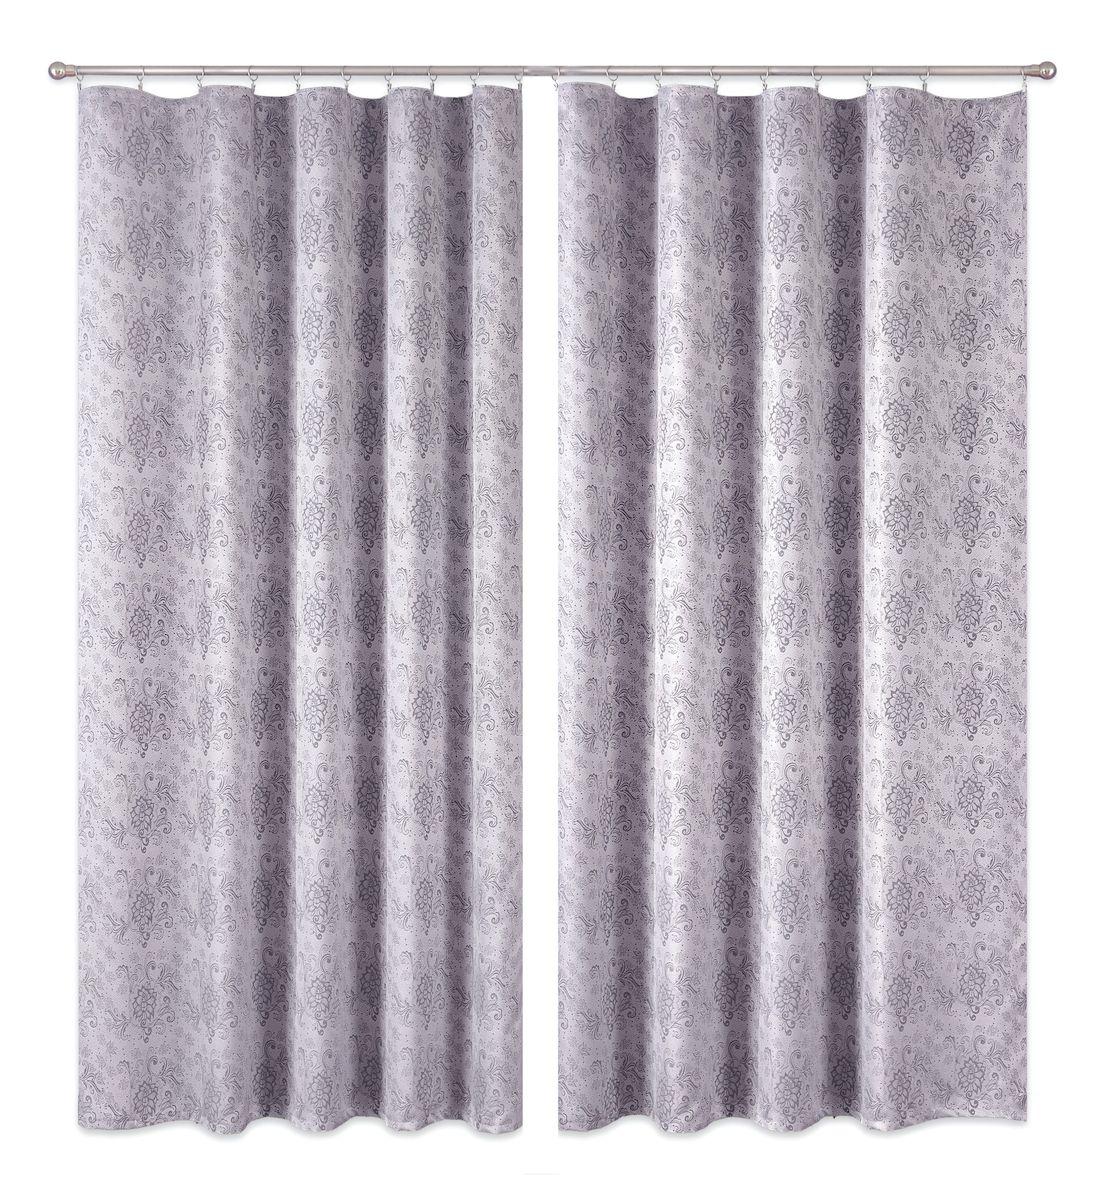 Комплект штор P Primavera Firany, цвет: серый, высота 250 см. 111002153599Комплект шториз полиэстровой жаккардовой ткани с пришитой шторнойлентой. Размер - ширина 180 см высота 250см. Набор 2 штуки. Цвет серый.Размер: ширина 180 х высота 250